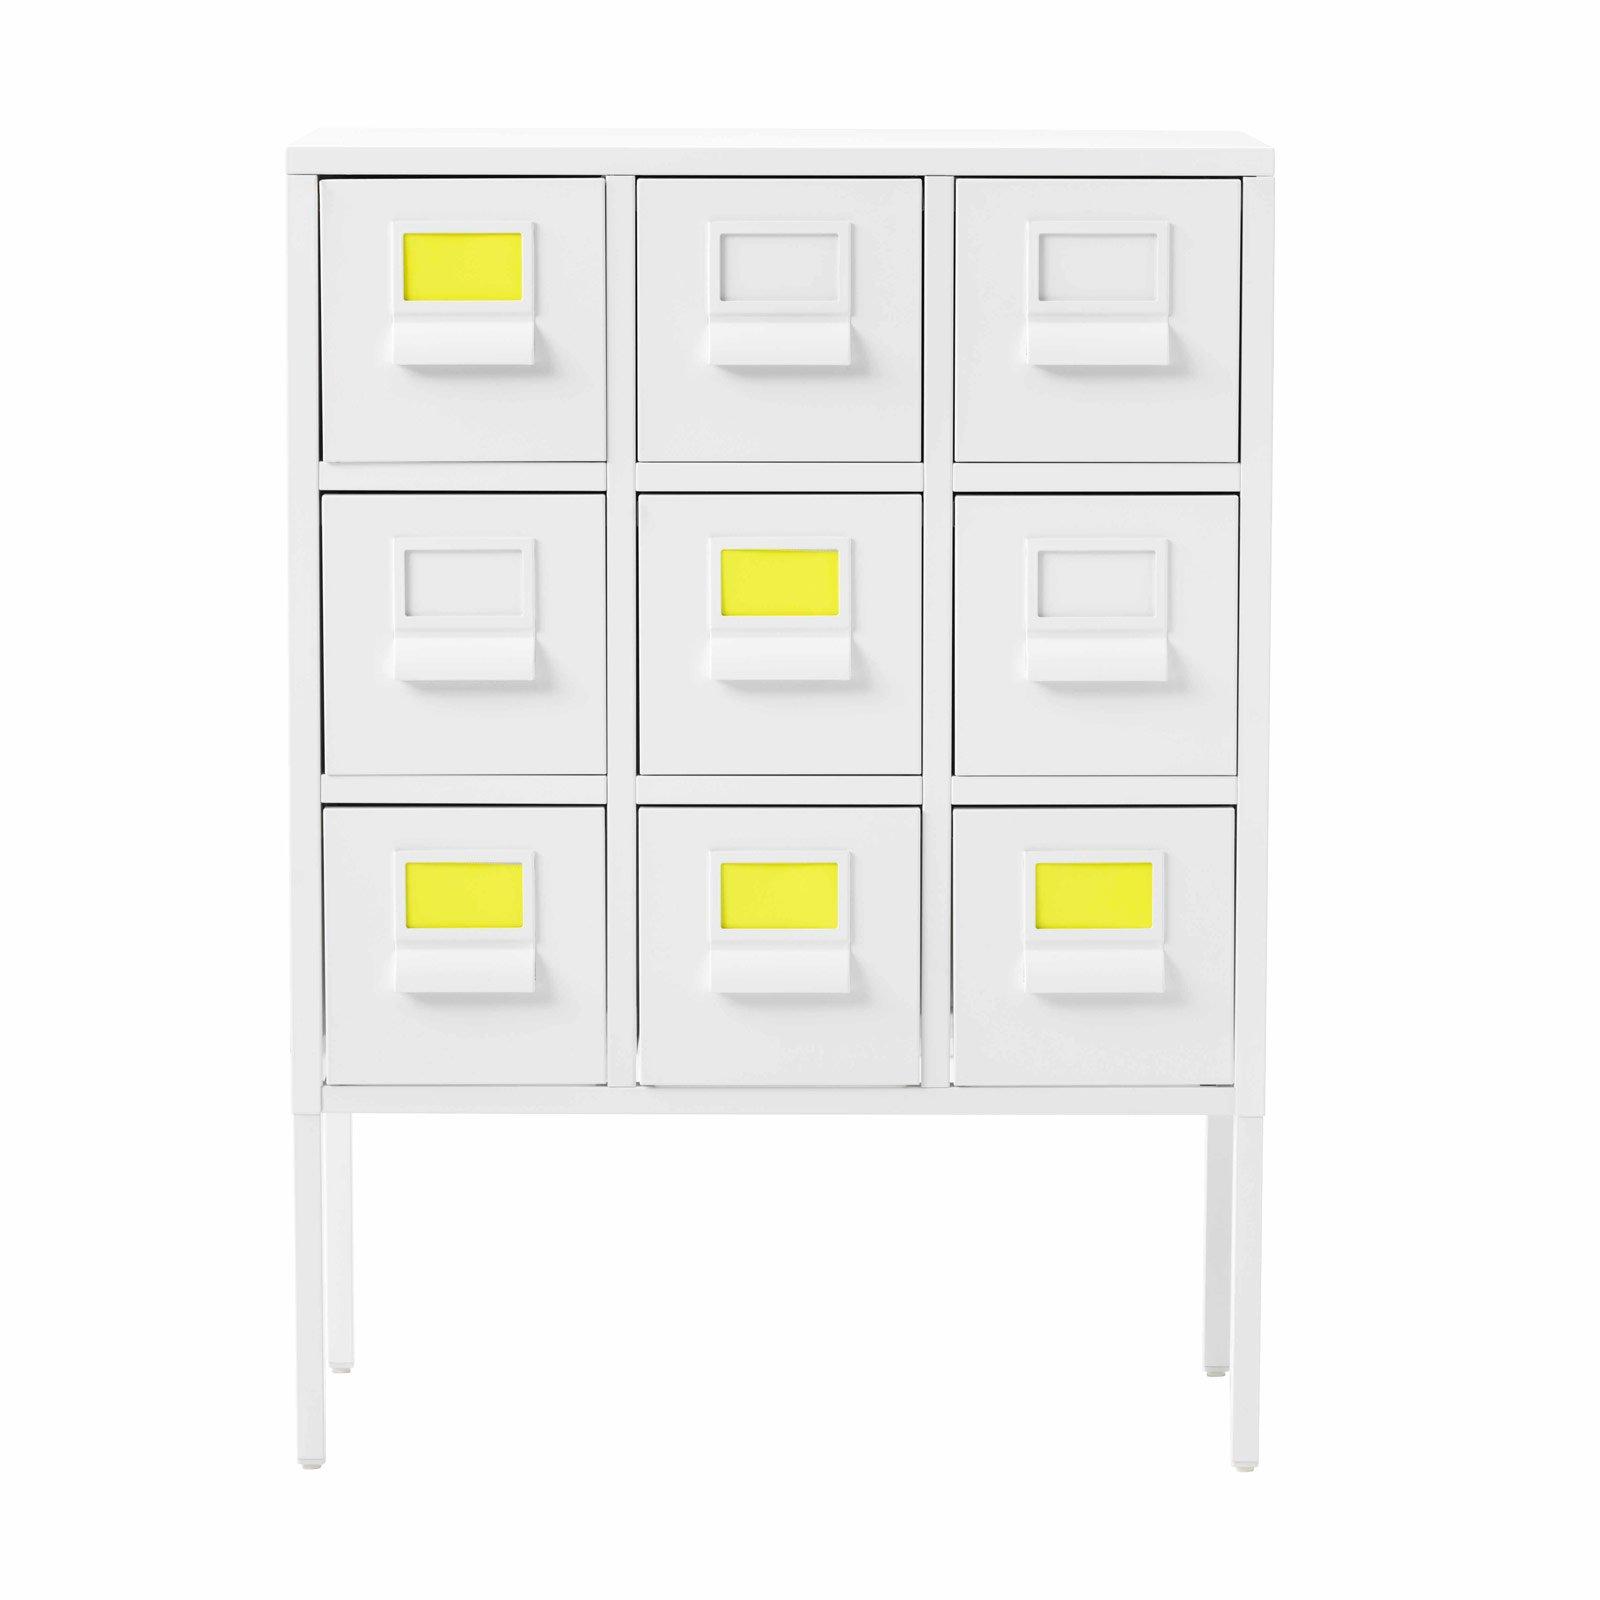 Helmer Cassettiera Con Rotelle Ikea.Disegno Ikea Cucine Accessori Zottozcom Bagno Creativo Giallo